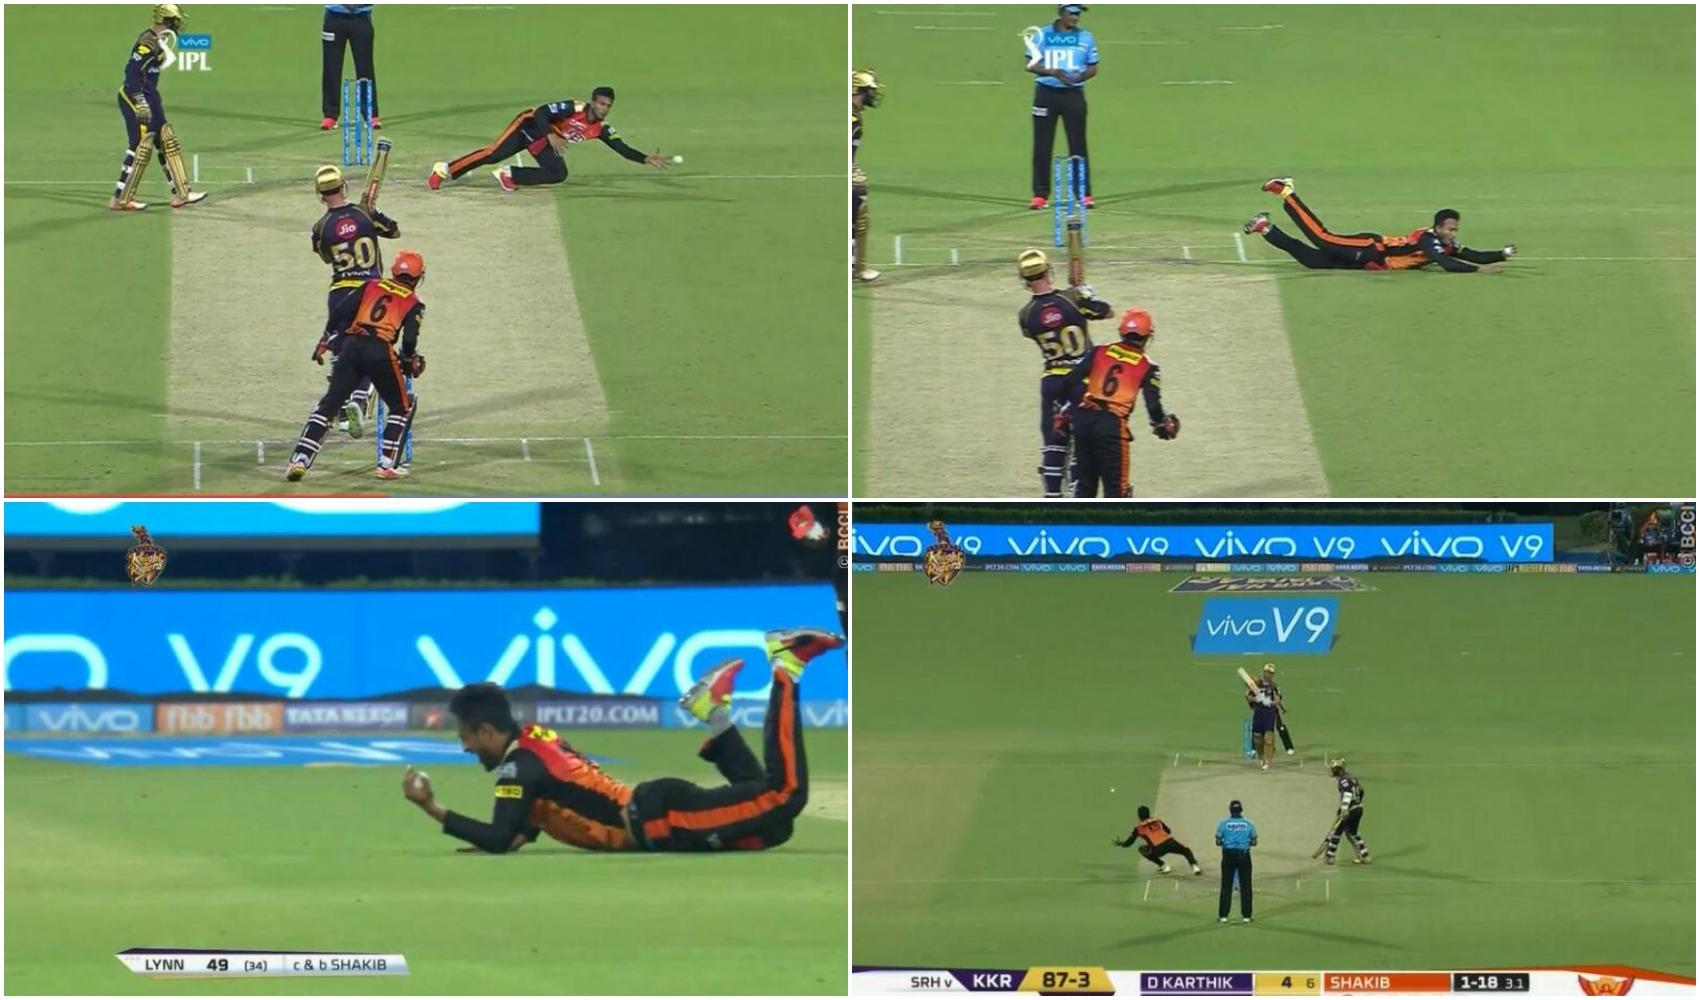 VIDEO: शाकिब अल हसन ने पकड़ा 2018 का सर्वश्रेष्ठ कैच, देख क्रिस लिन को नहीं हो रहा था आँखों पर यकीन 7